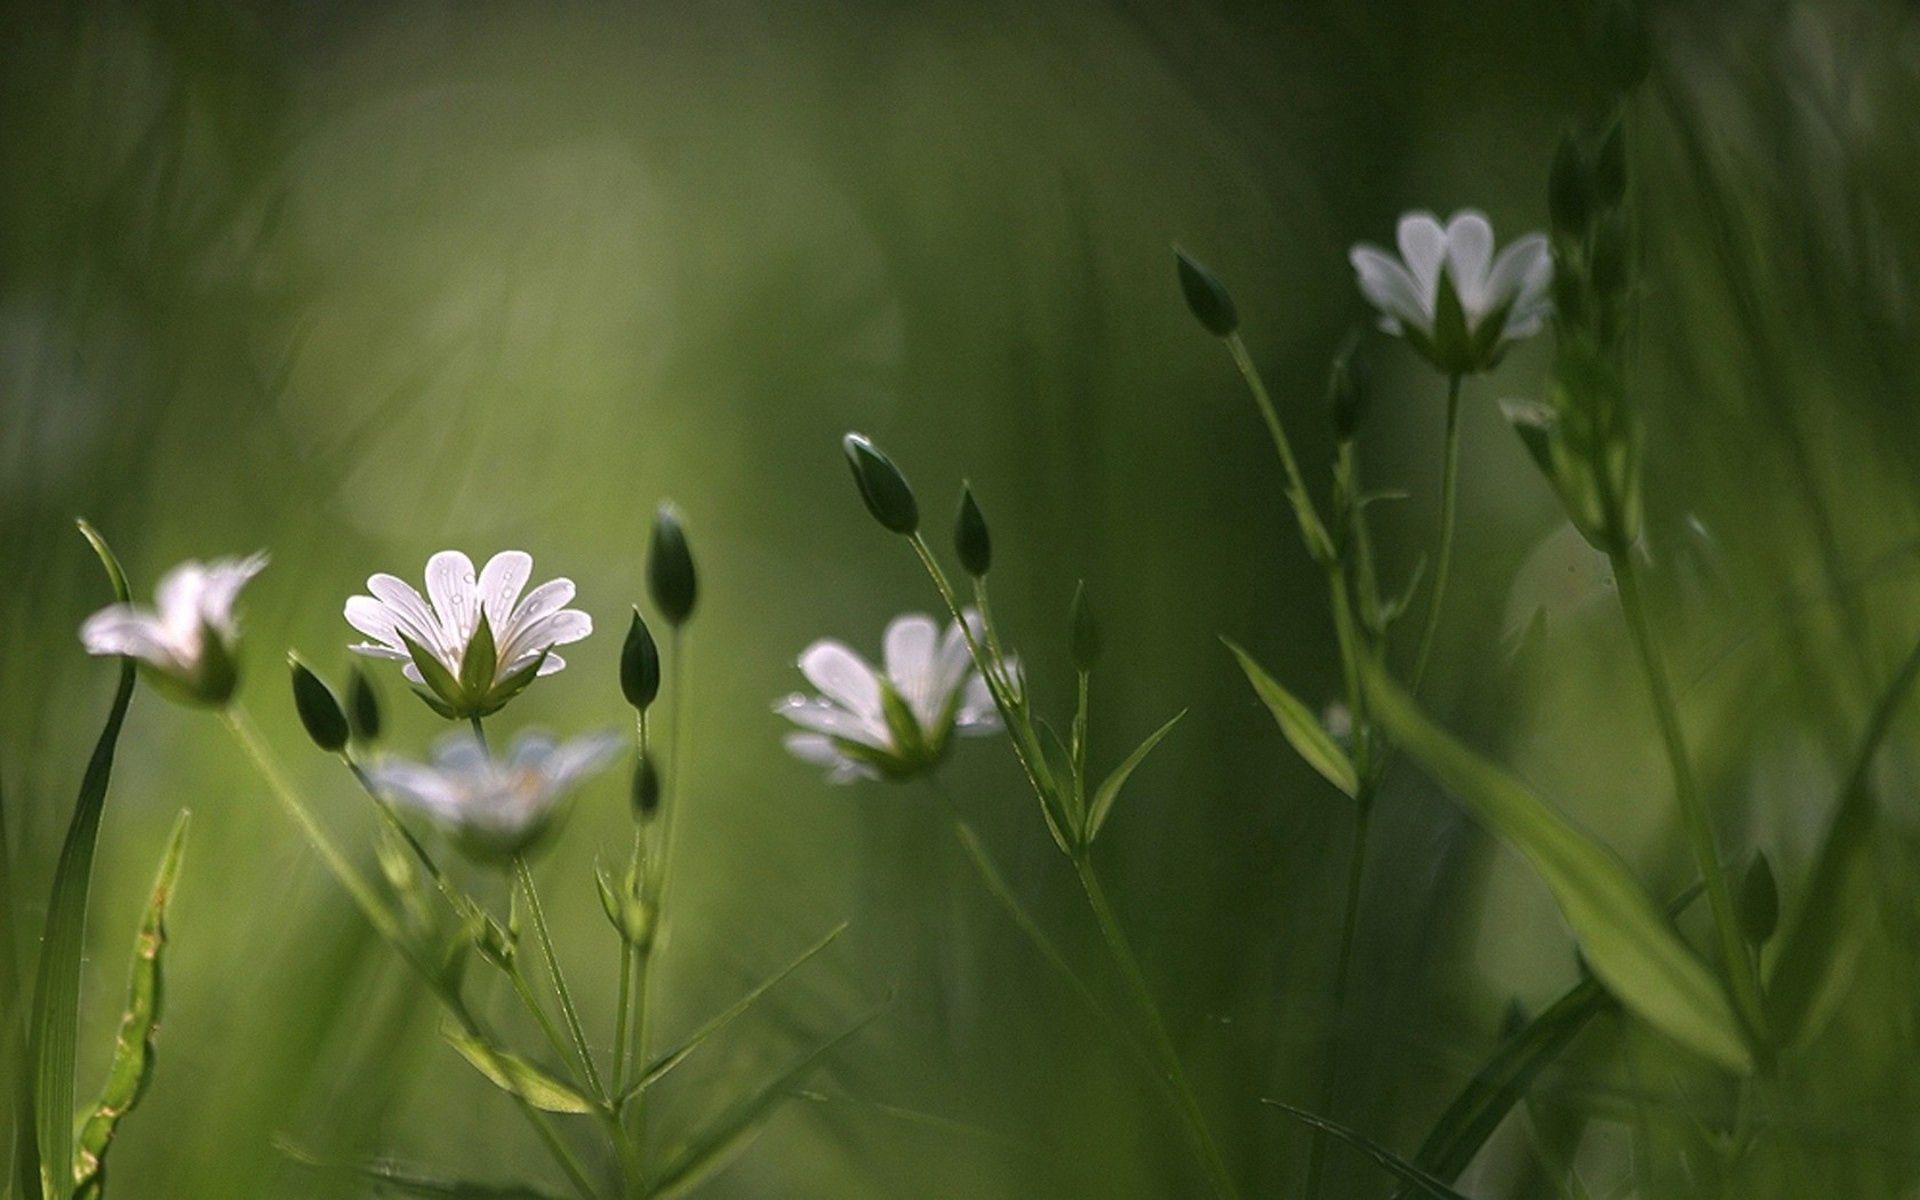 157371 скачать обои Макро, Цветы, Трава, Размытость - заставки и картинки бесплатно